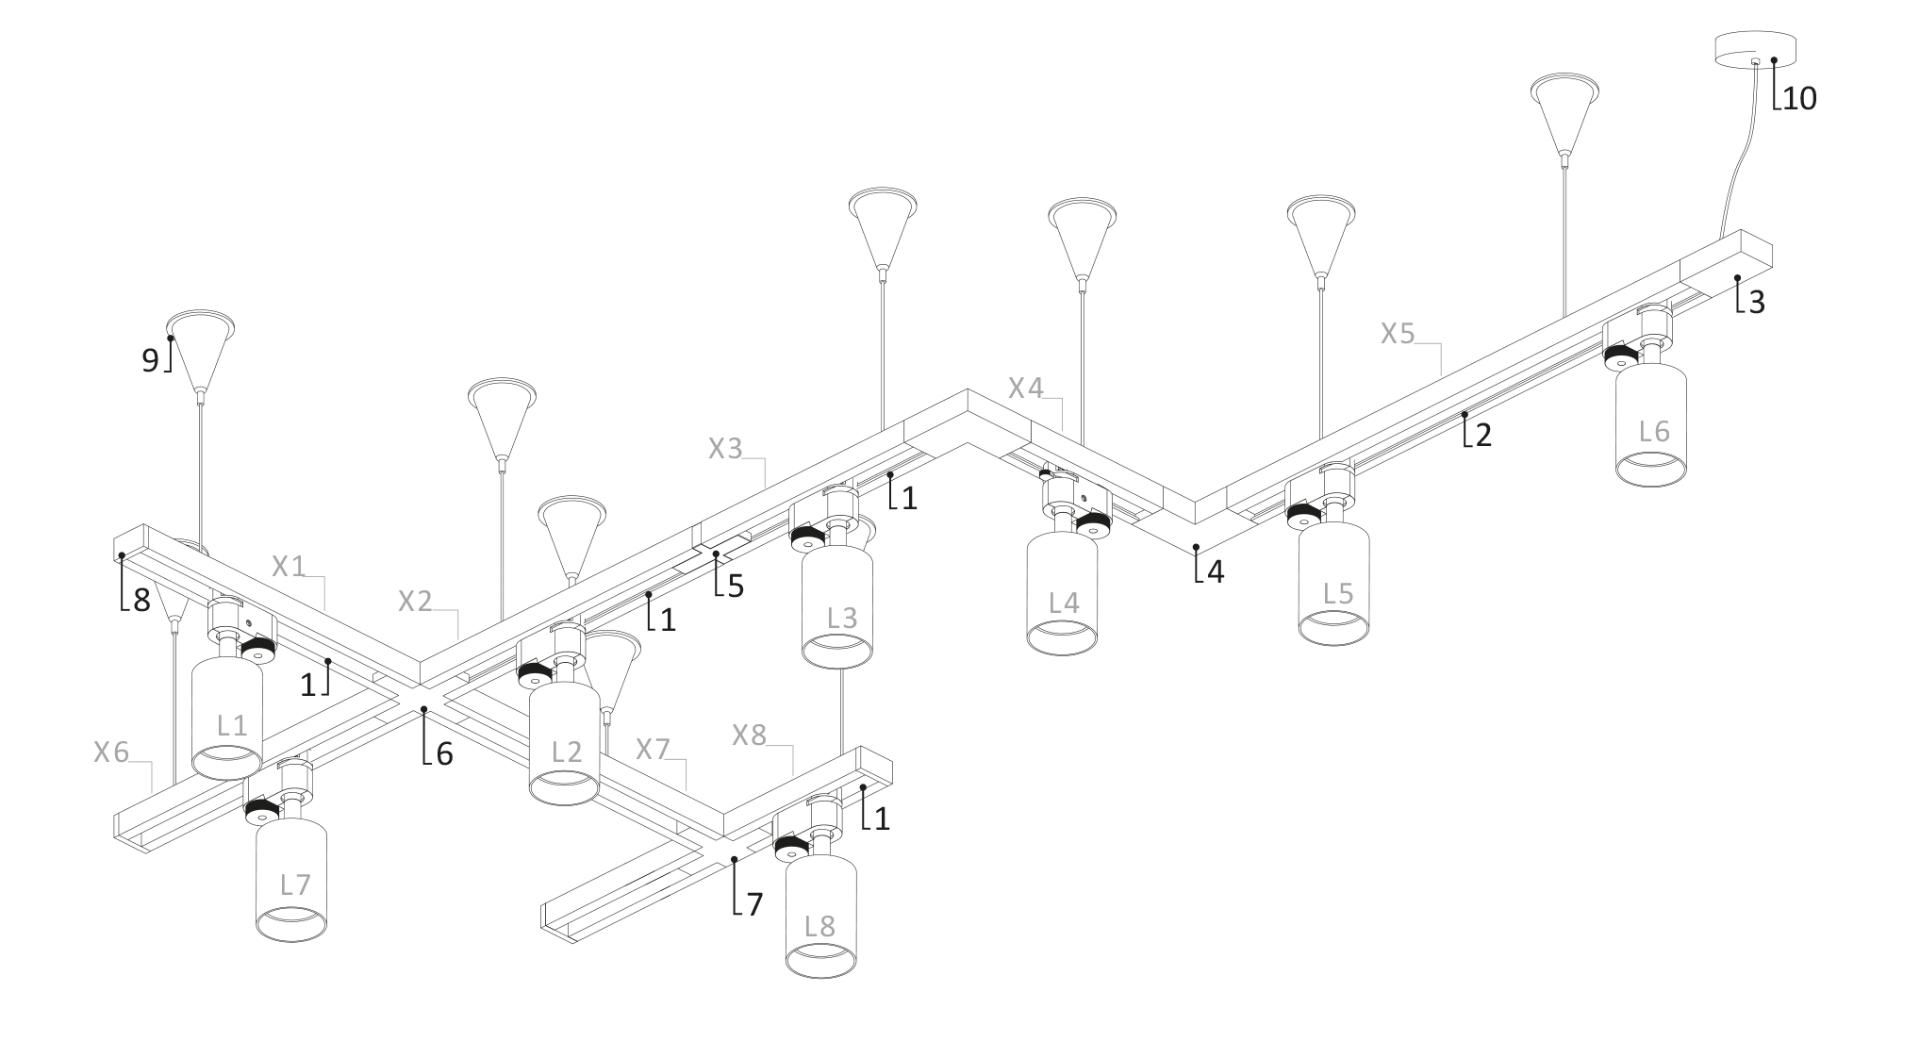 Приклад реалізації збору трекової системи Nowodvorski на тросових підвісах